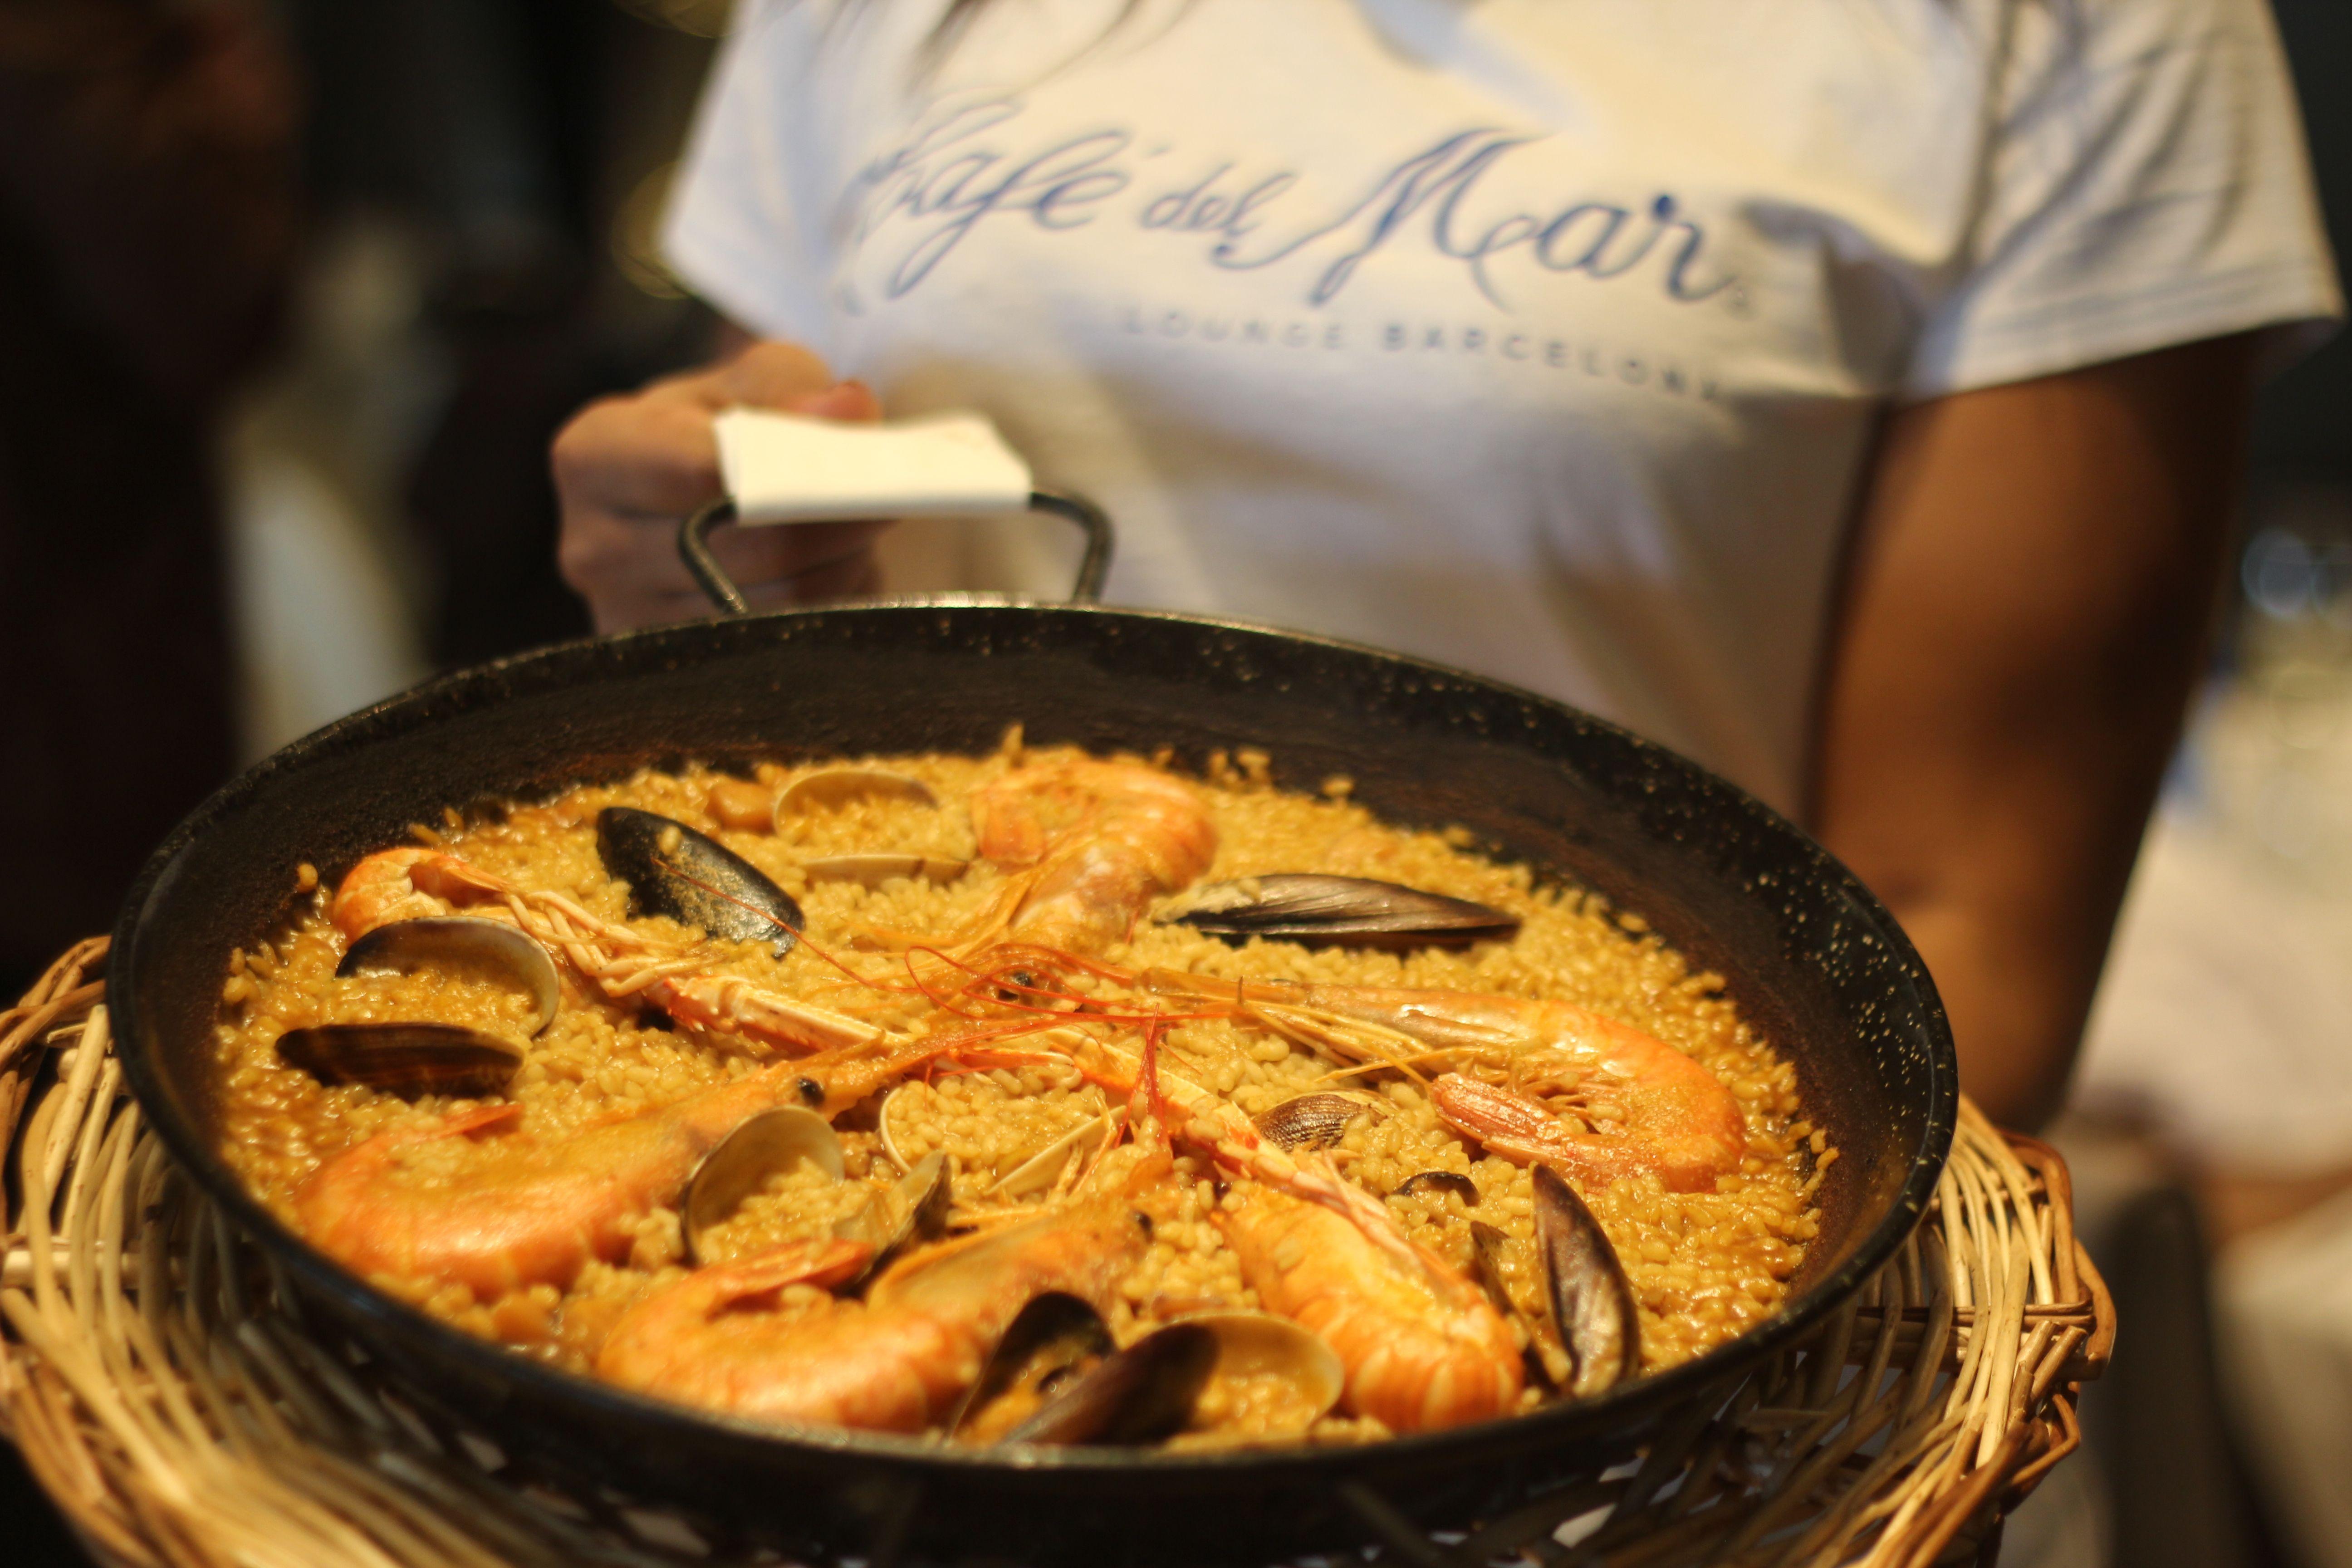 Café del Mar lounge Barcelona _maremagnum